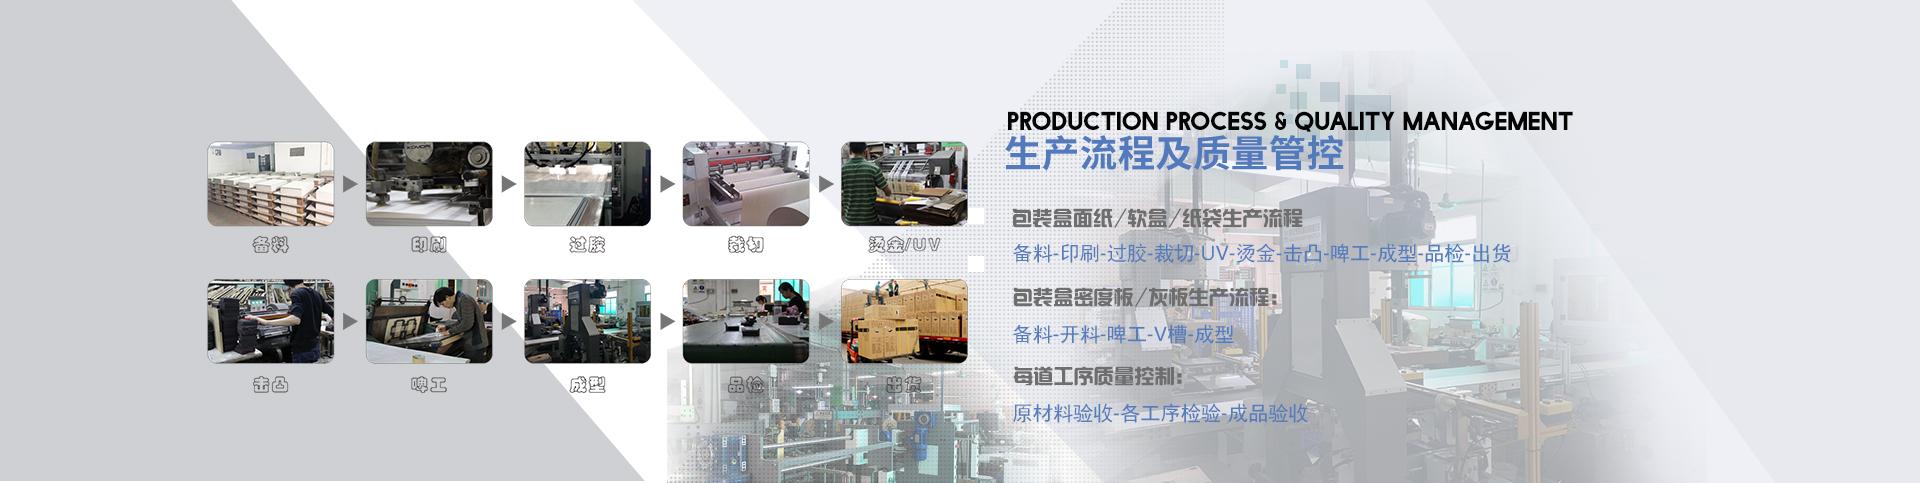 广州骏业包装实业有限公司主营:包装盒,手提纸袋,吊牌等包装制品。